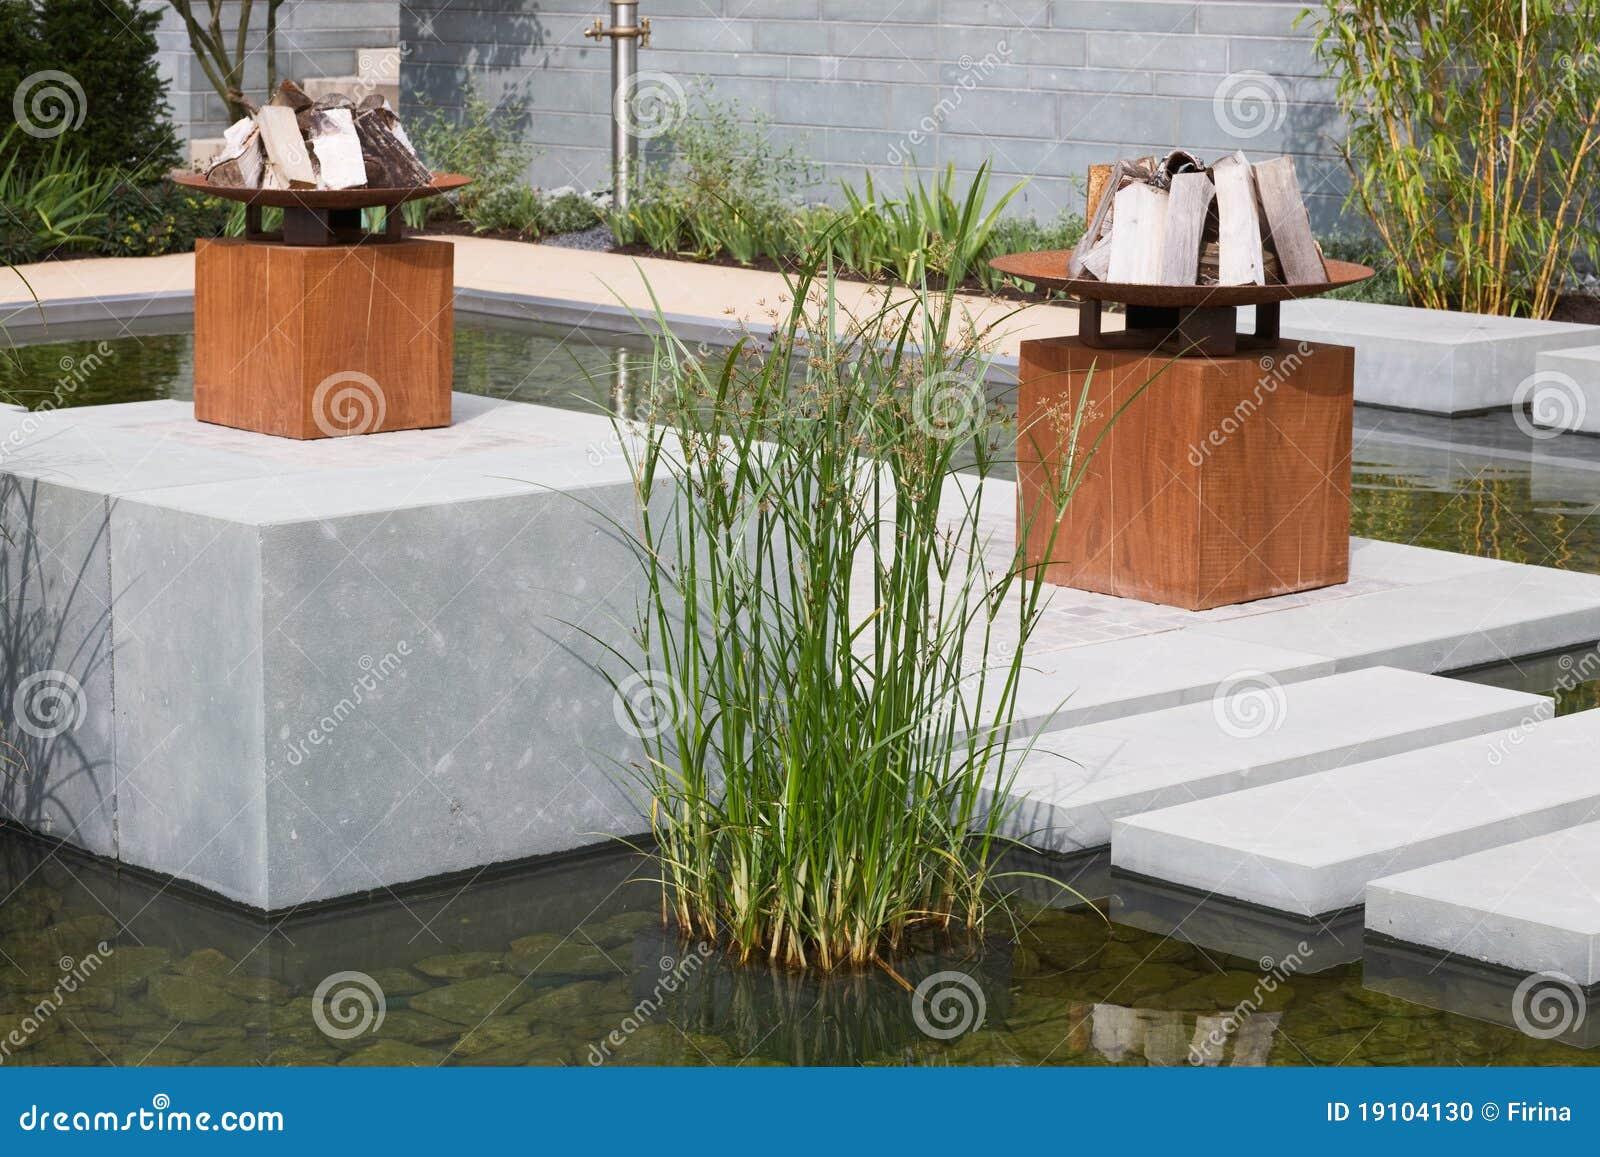 garten teich stockfoto bild von idyllisch gardening 19104130. Black Bedroom Furniture Sets. Home Design Ideas